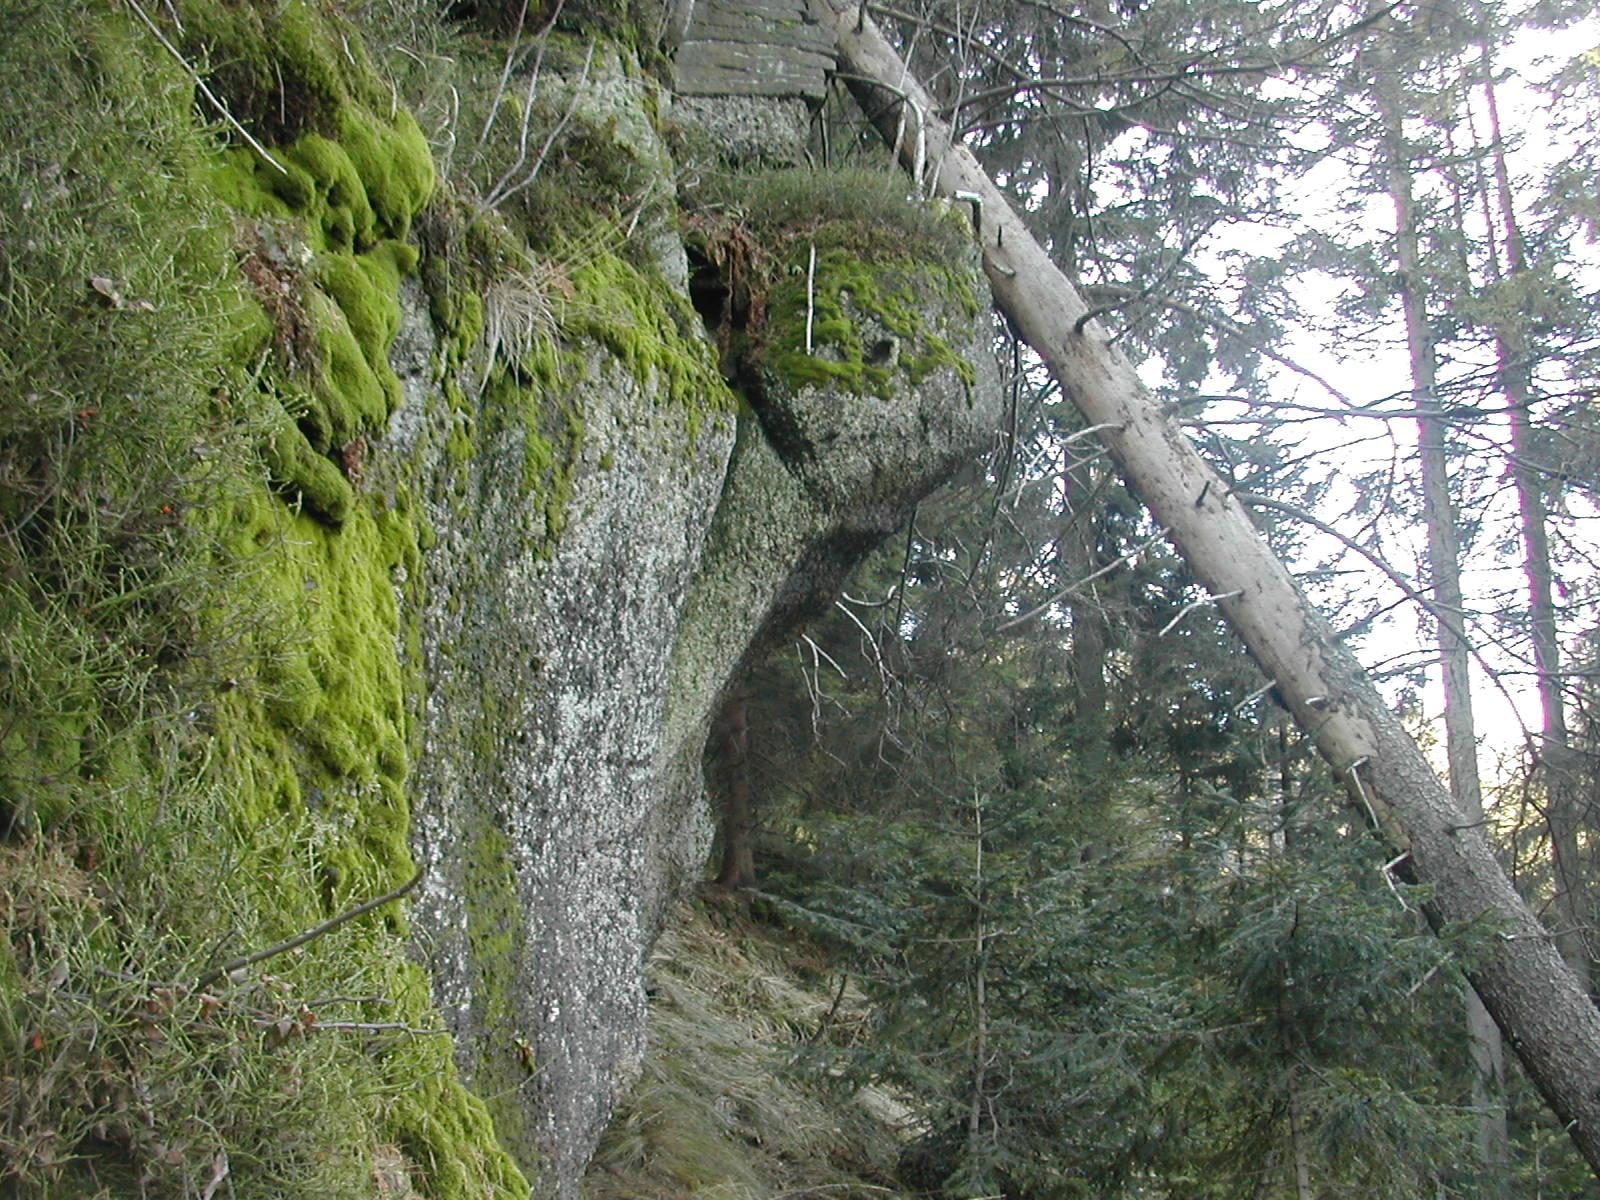 Potrójna - Przełęcz Zakocierska - Chaka pod Potrójną - Przełęcz Na Przykrej - Łamana Skała - Rozdroża pod Łamaną Skałą (Anula)